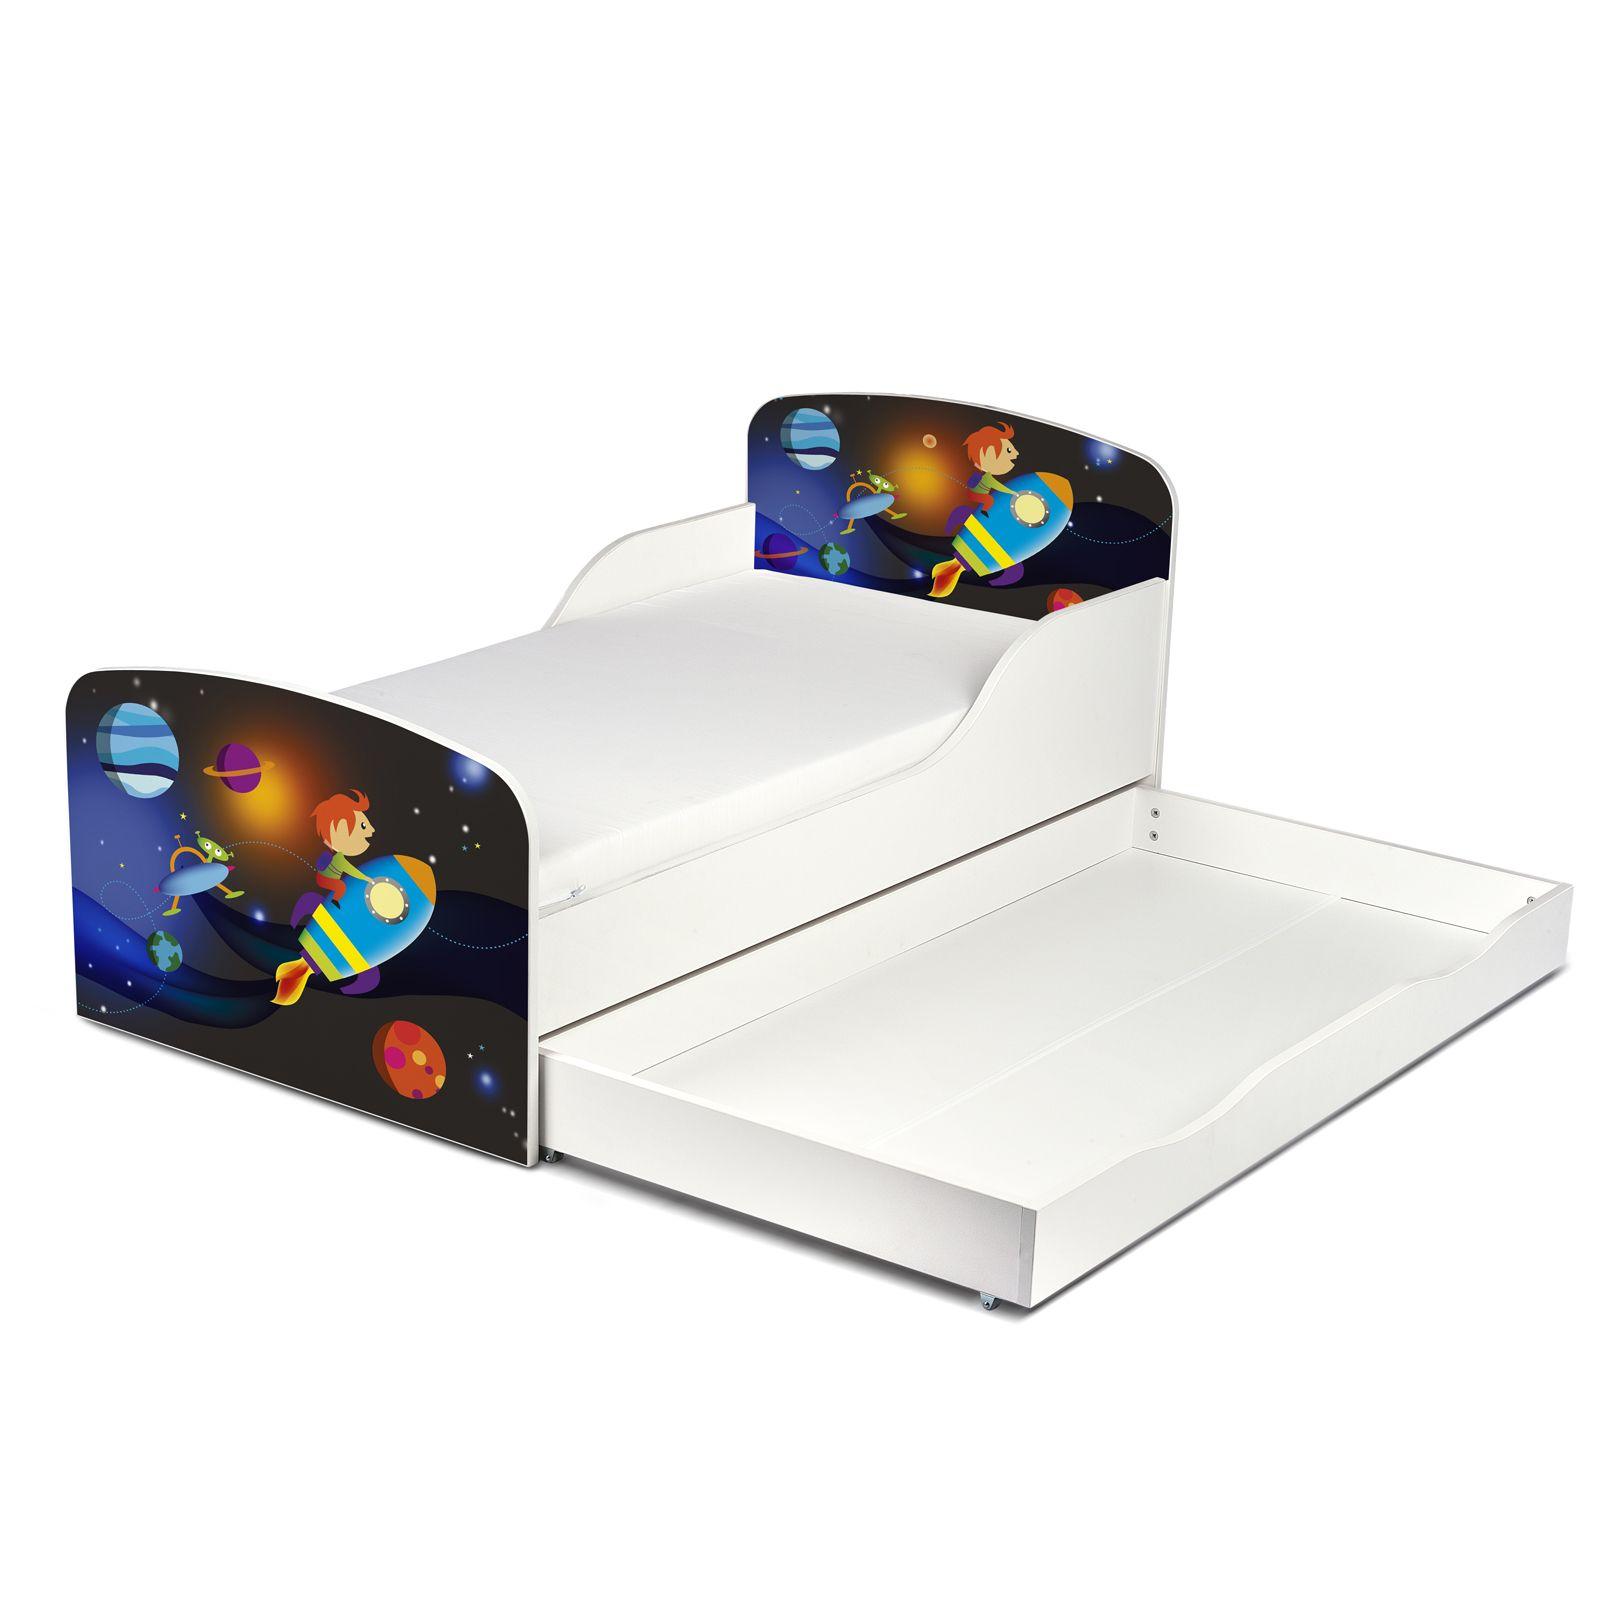 raum rakete mdf kleinkind bett mit unterbett aufbewahrungs matratze ebay. Black Bedroom Furniture Sets. Home Design Ideas